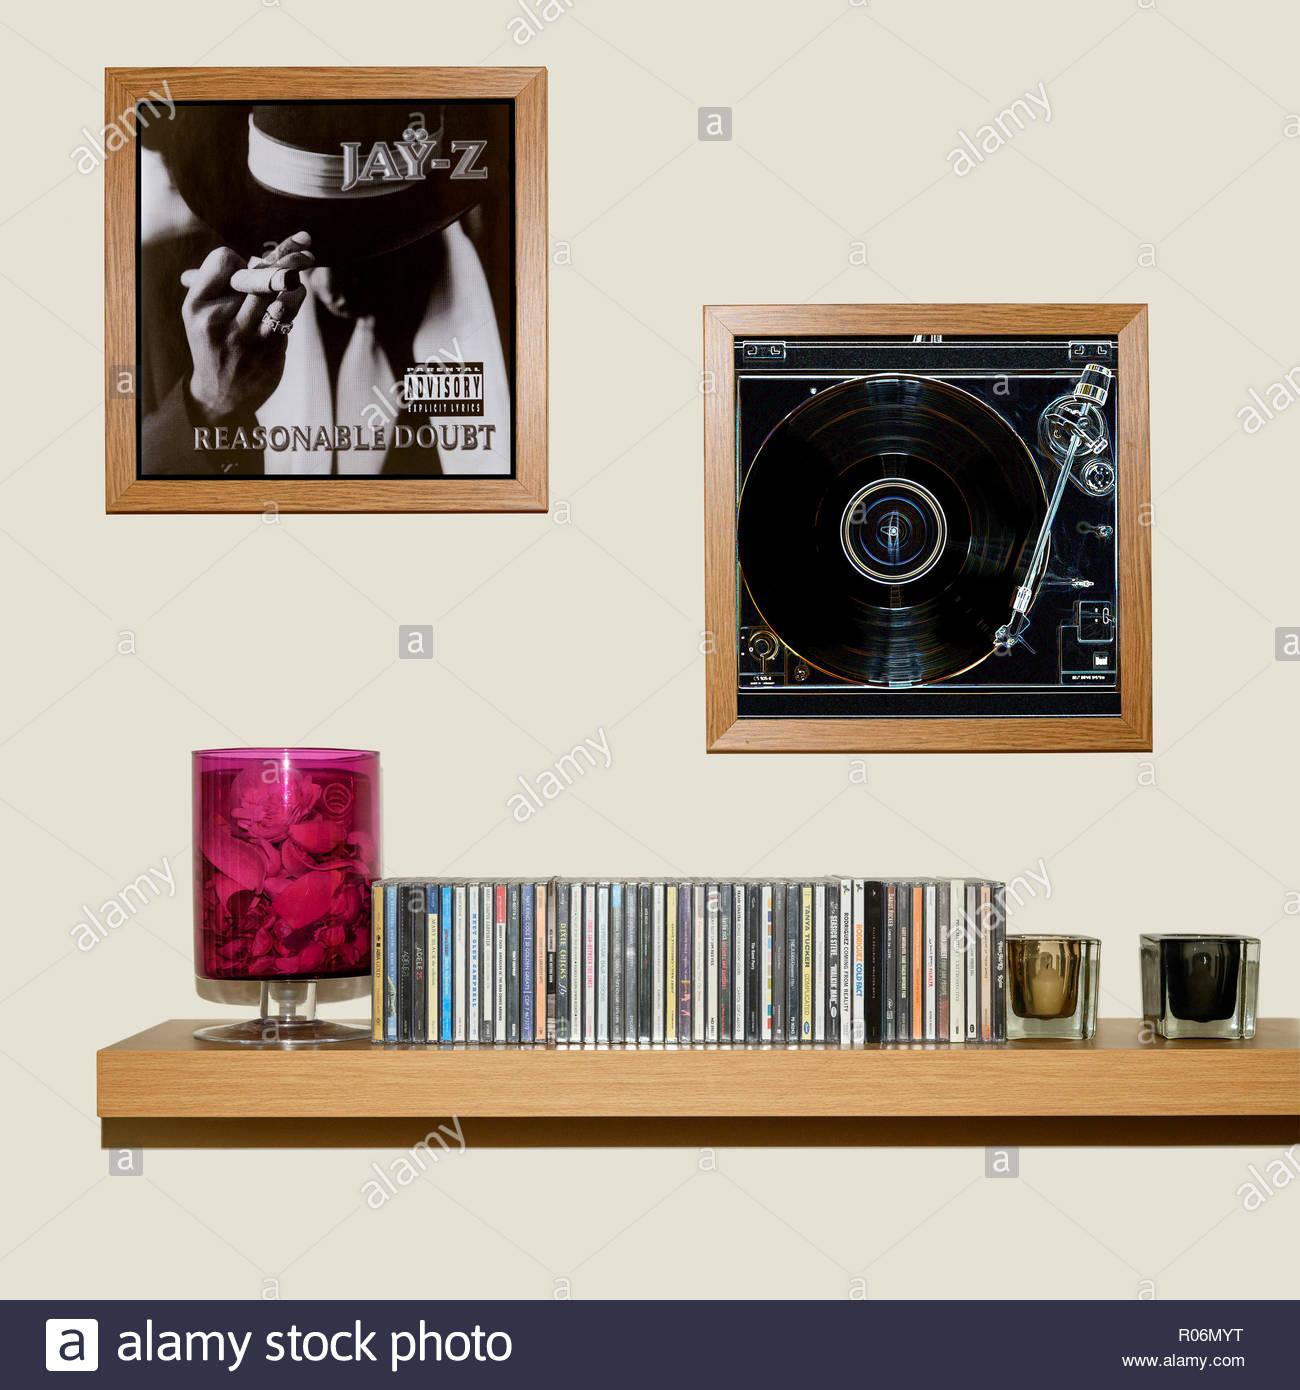 Colección de CD y enmarcado Jay Z 1996 album debut de toda duda razonable, Inglaterra. Imagen De Stock